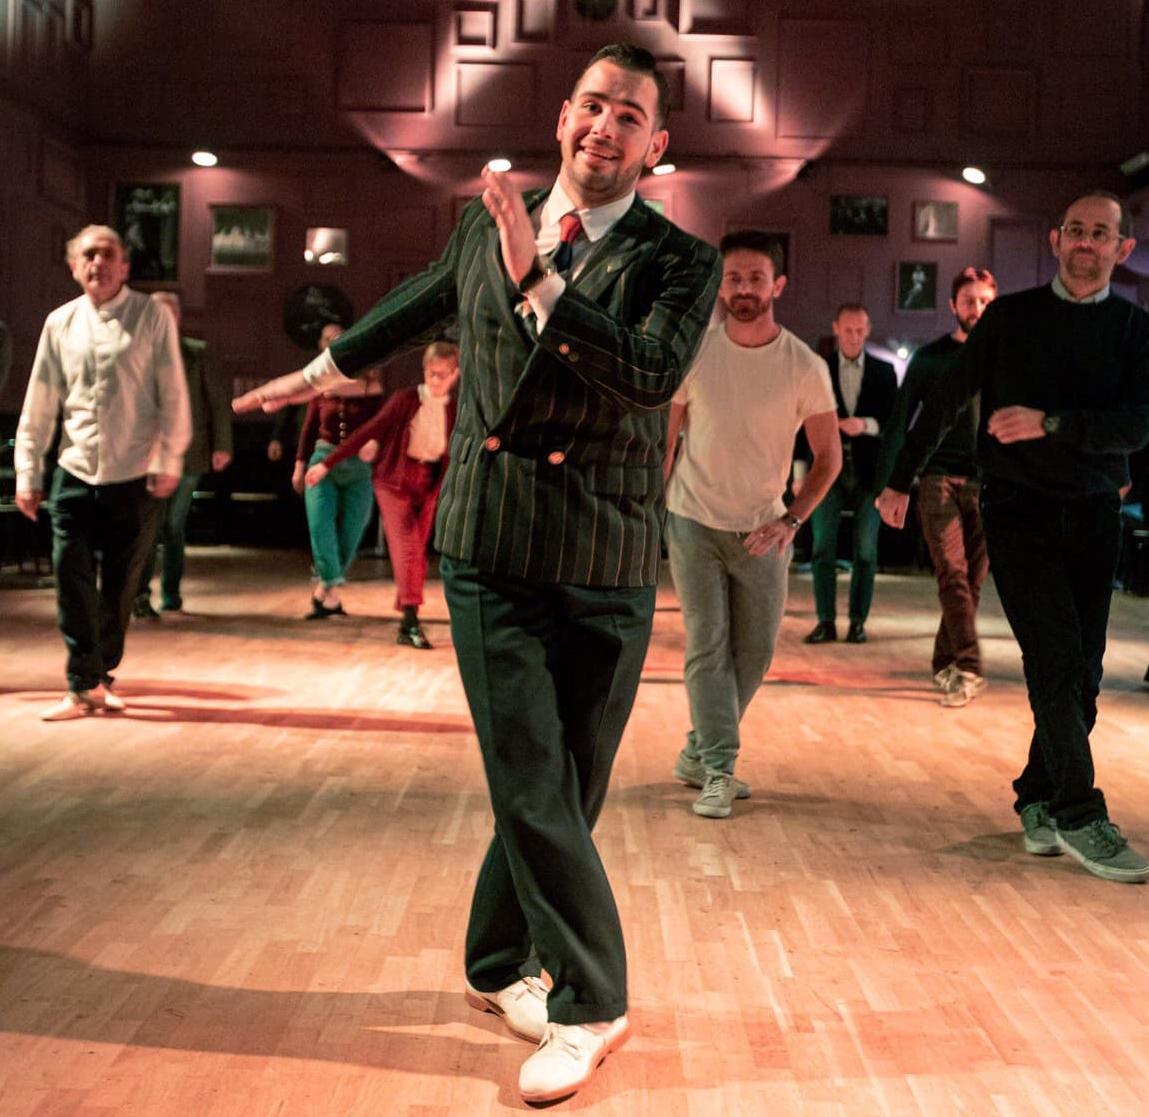 Sede della scuola di ballo del mondo Swing Crazy Swing School a Bologna.